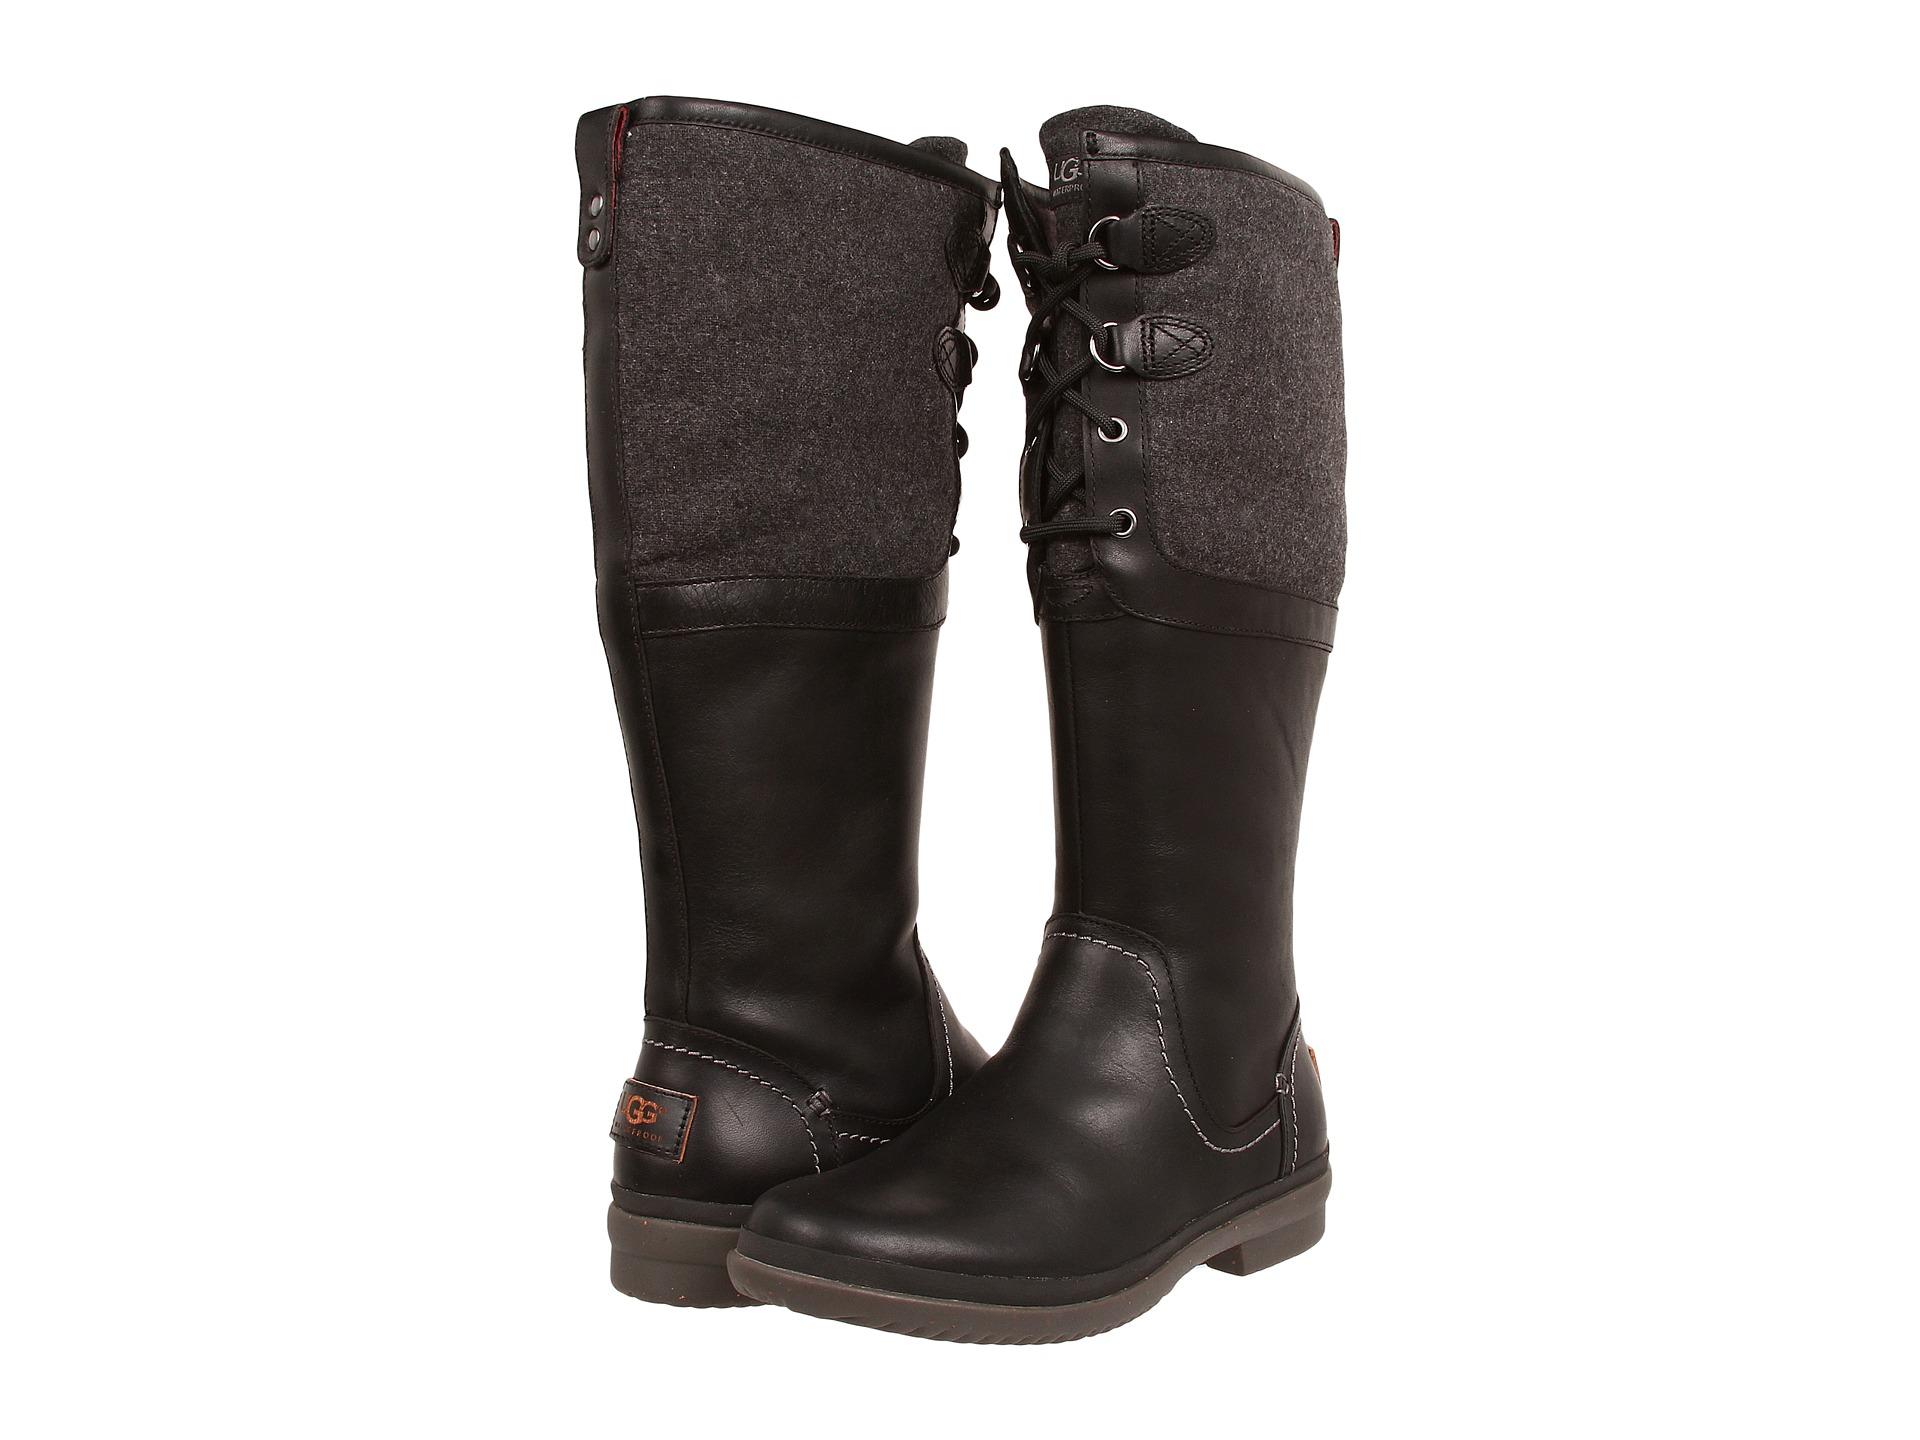 uggs elsa boots